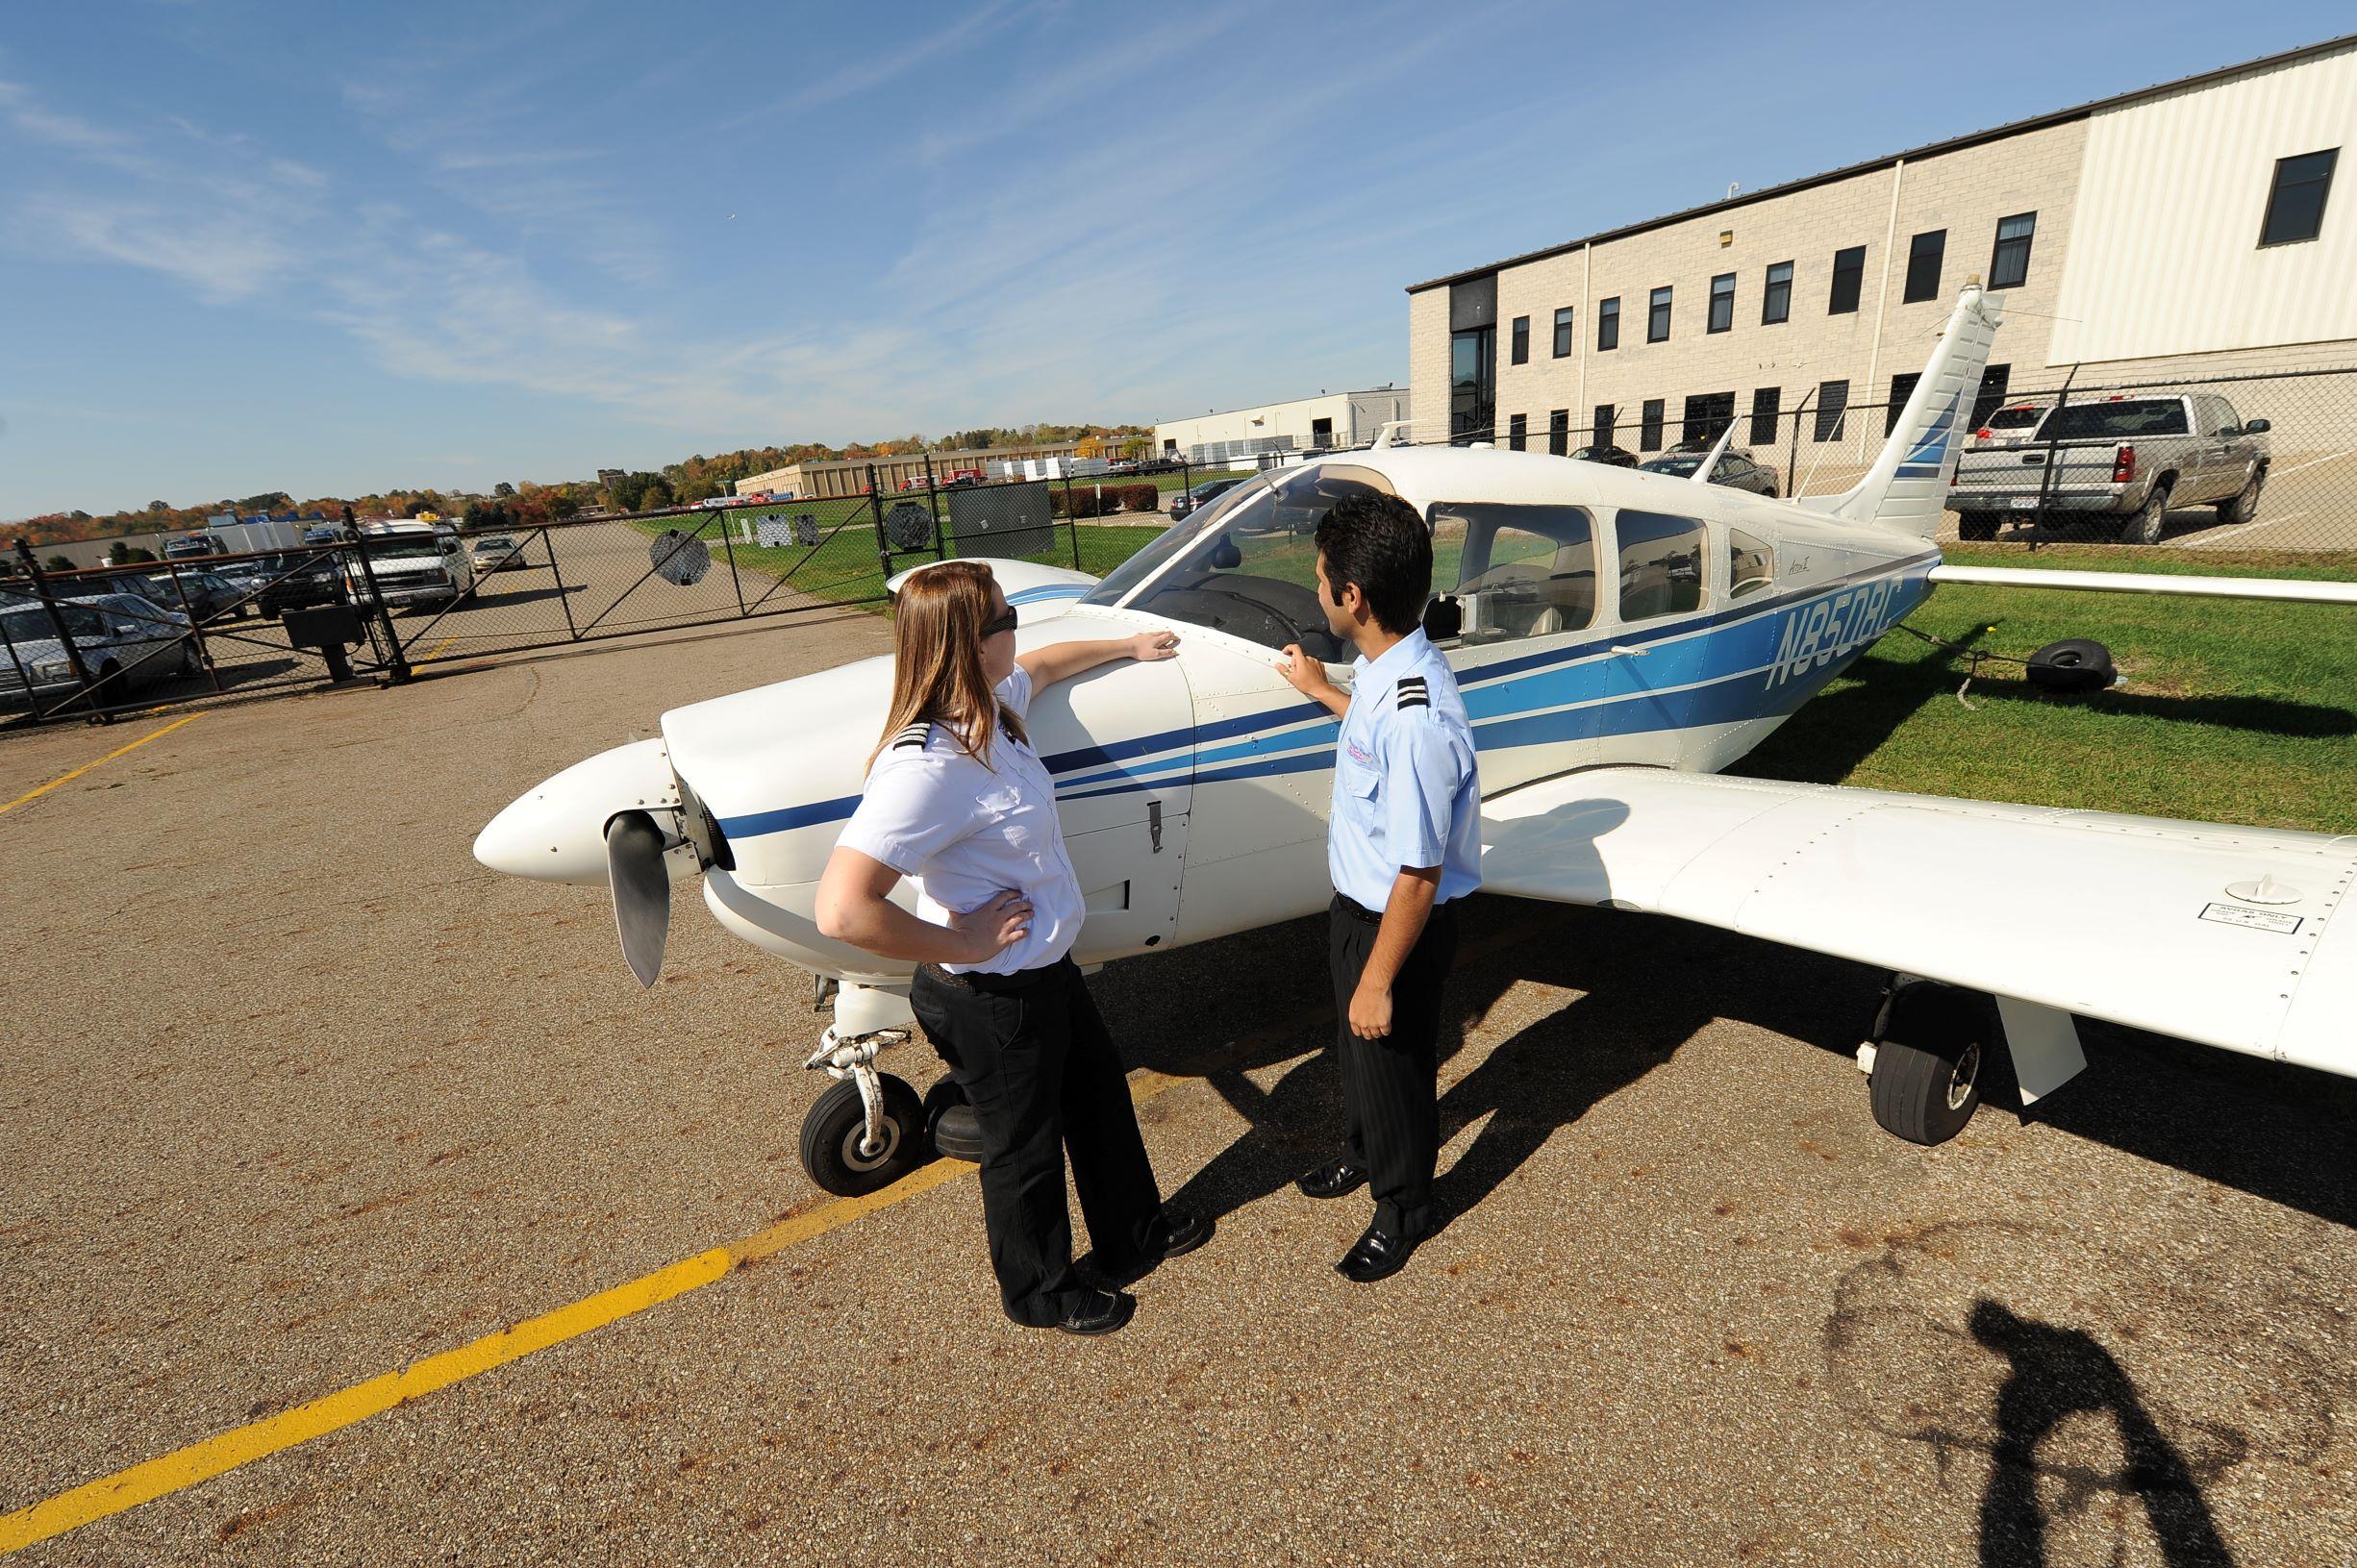 Pilots discussing